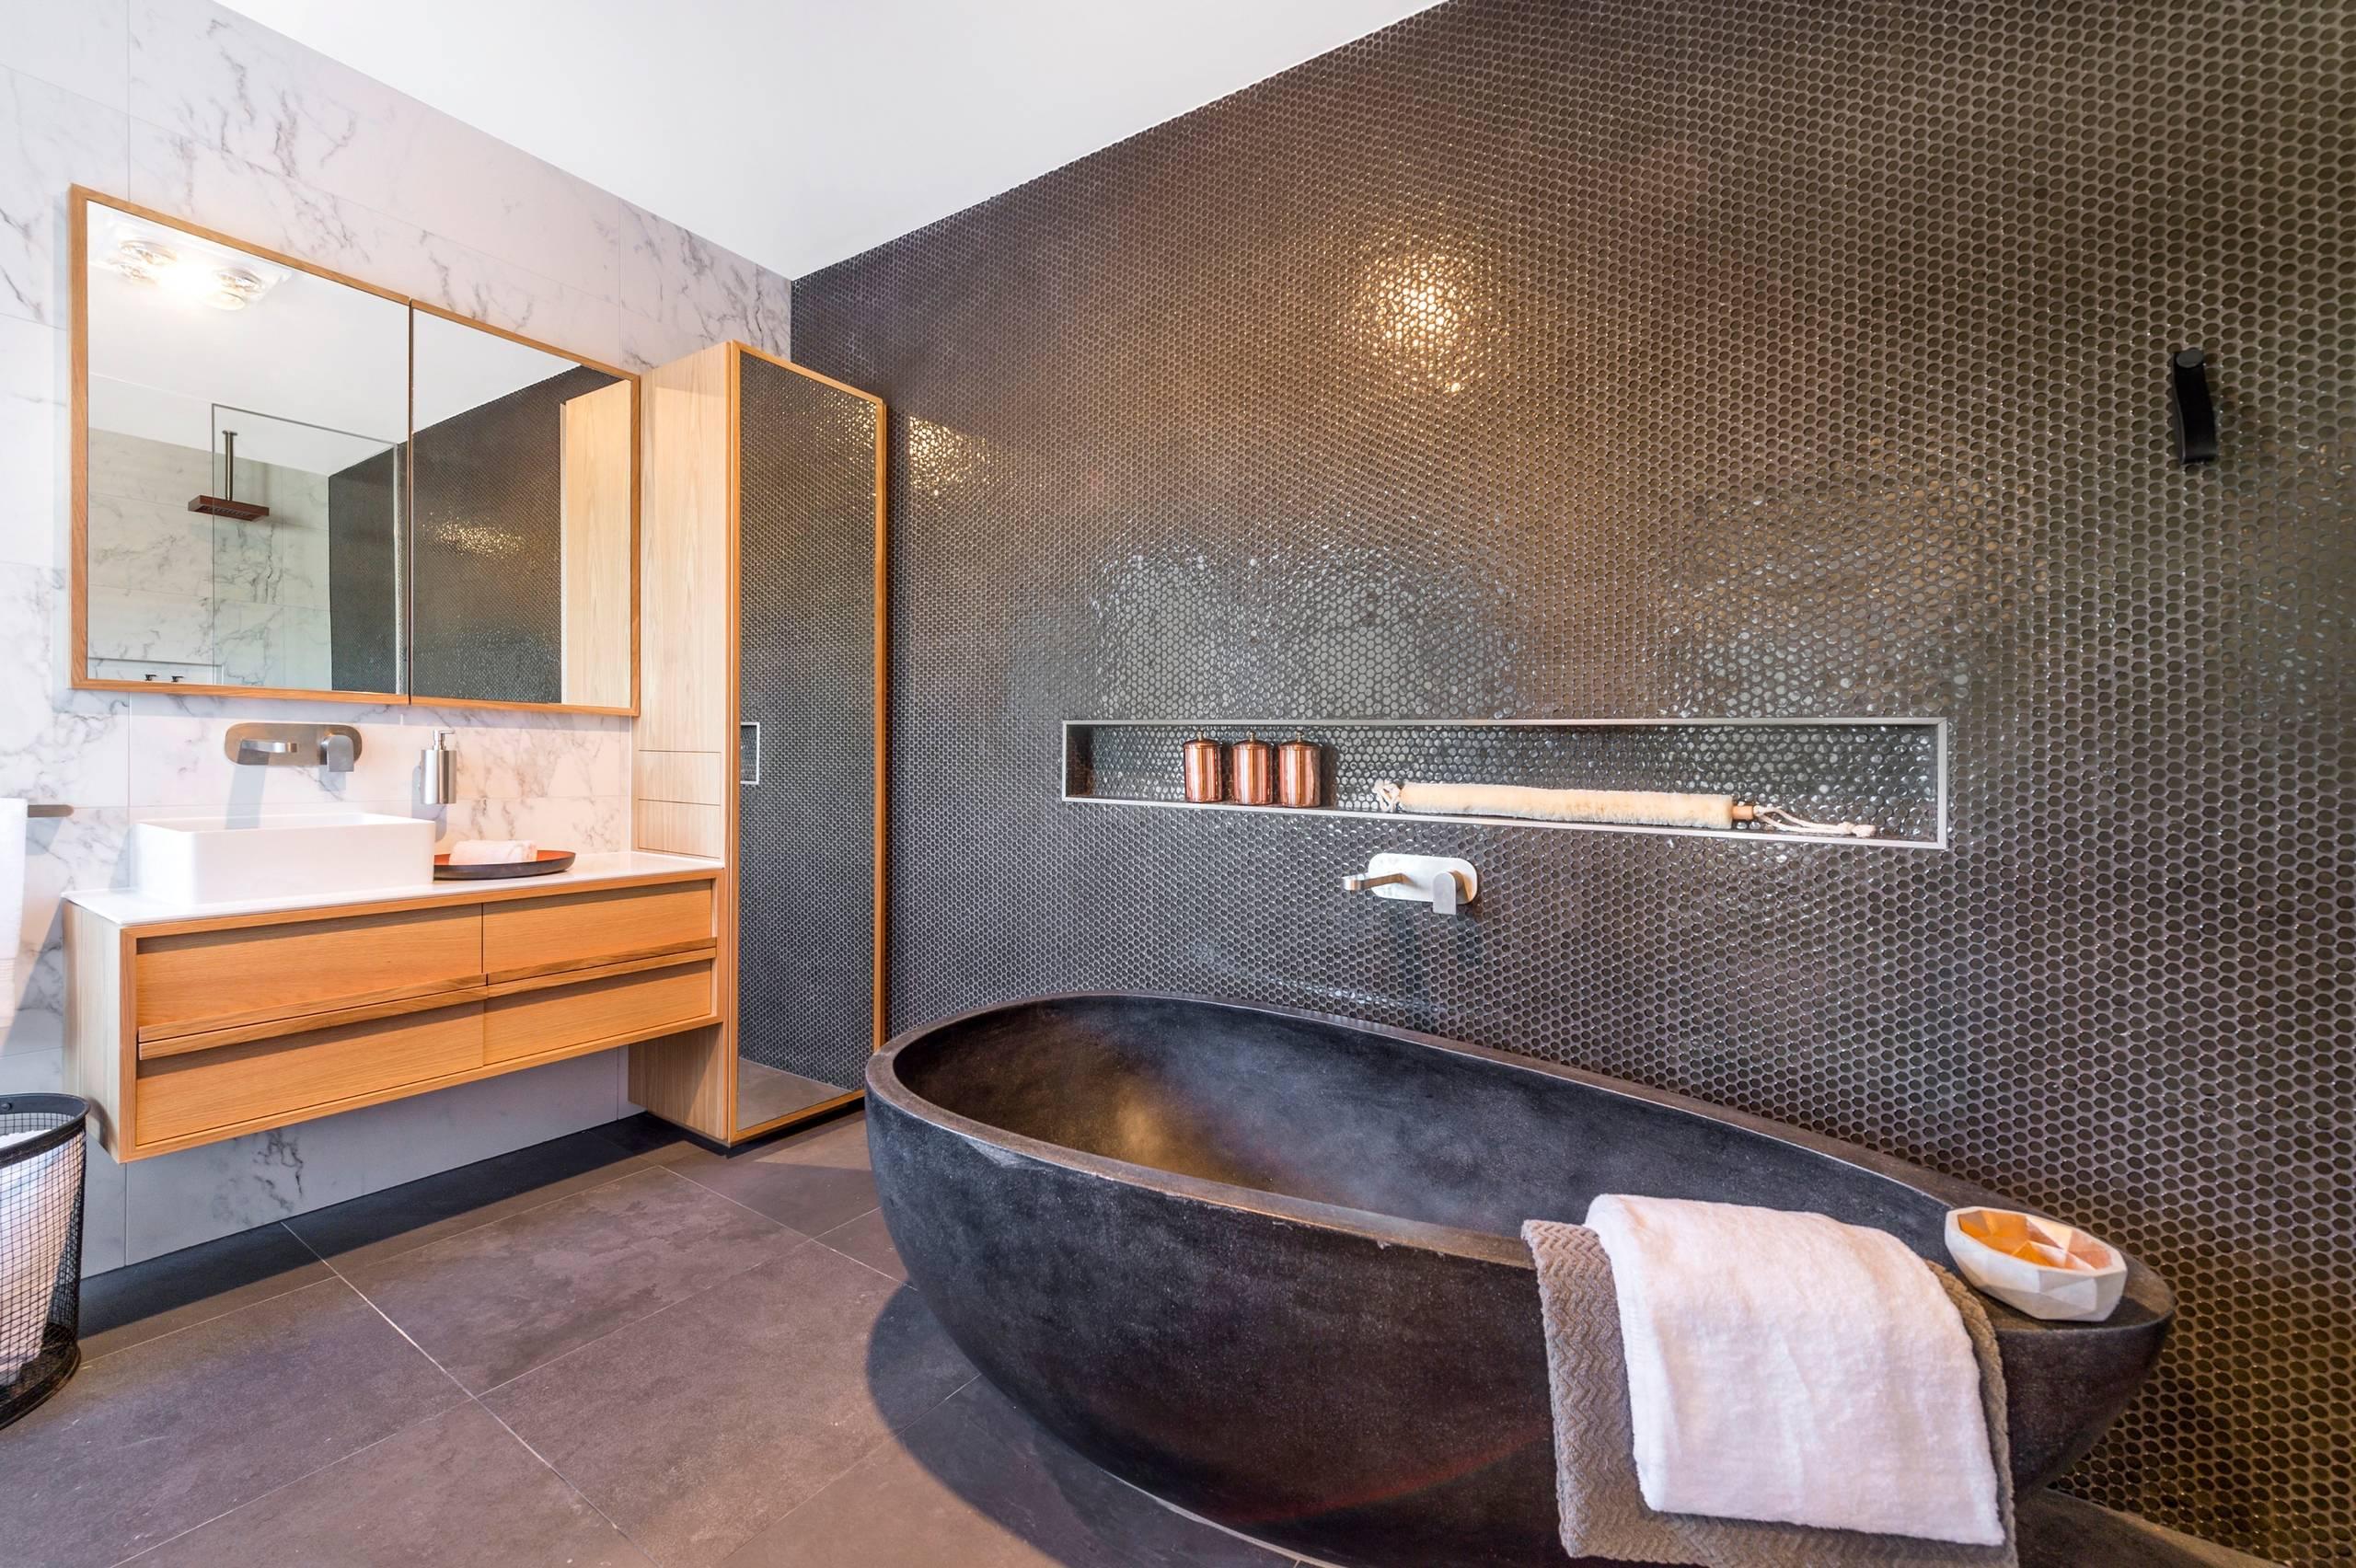 Большая ванная комната в современном стиле. Высоких зеркальный шкаф в углу и шкаф-зеркало над раковиной